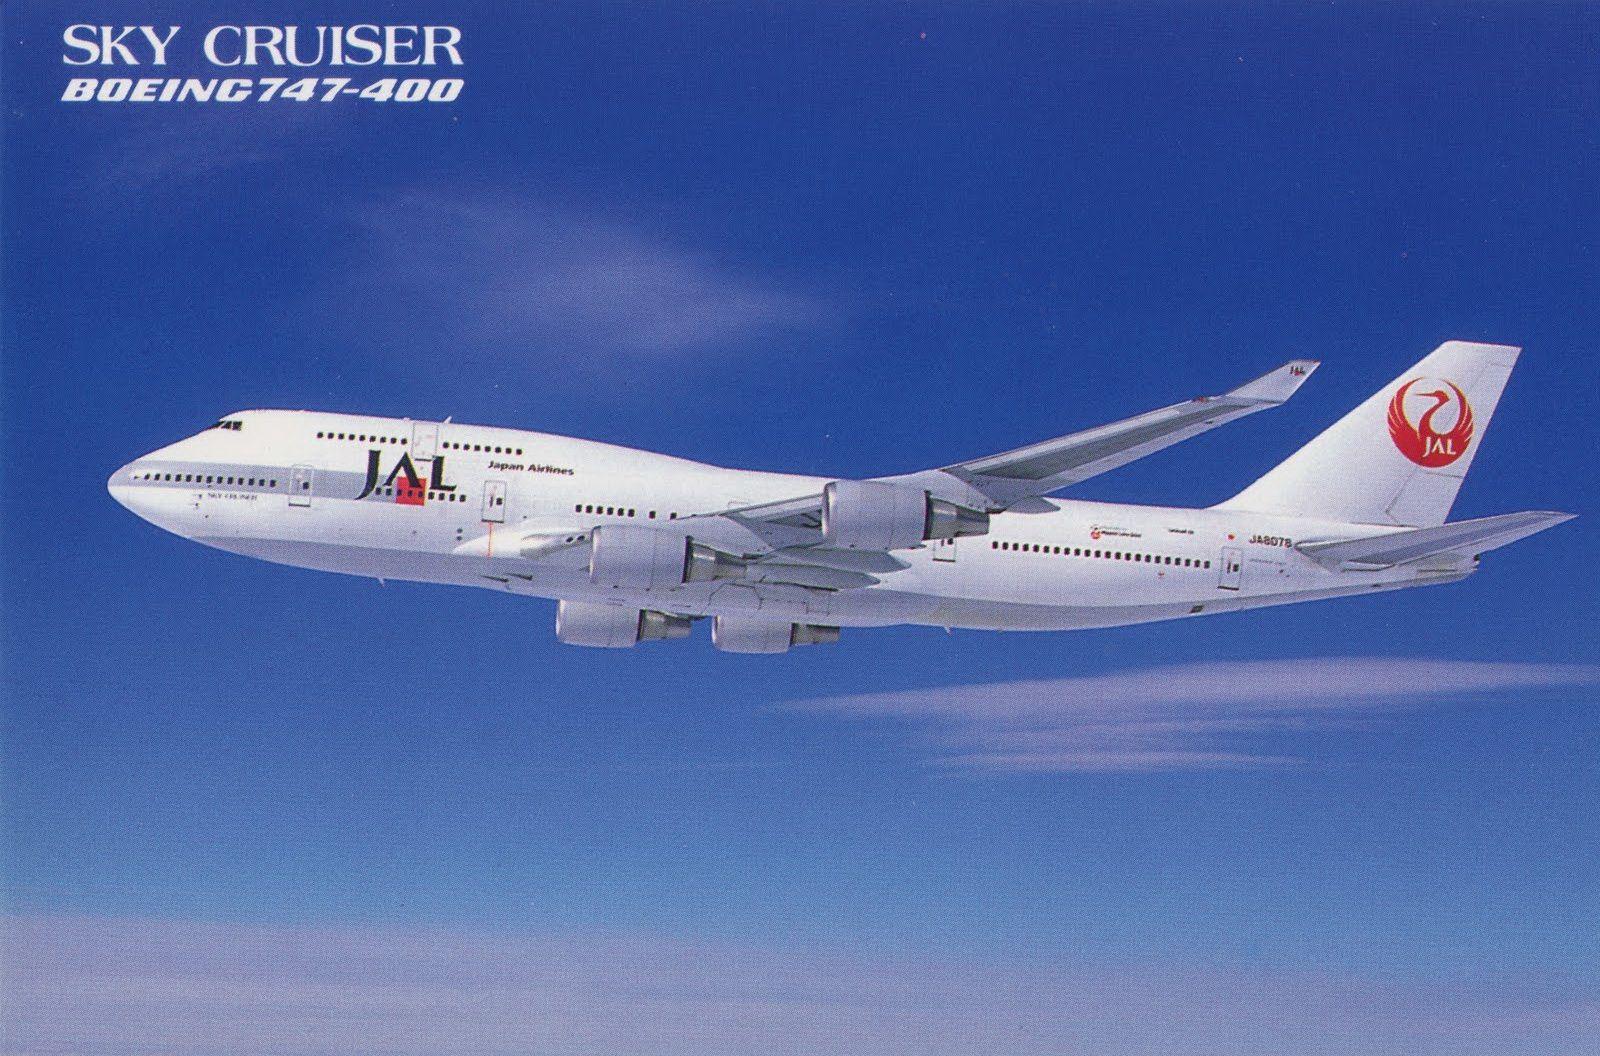 JAL-Japan air Lines Boeing B747-400 Sky Cruiser Postcard